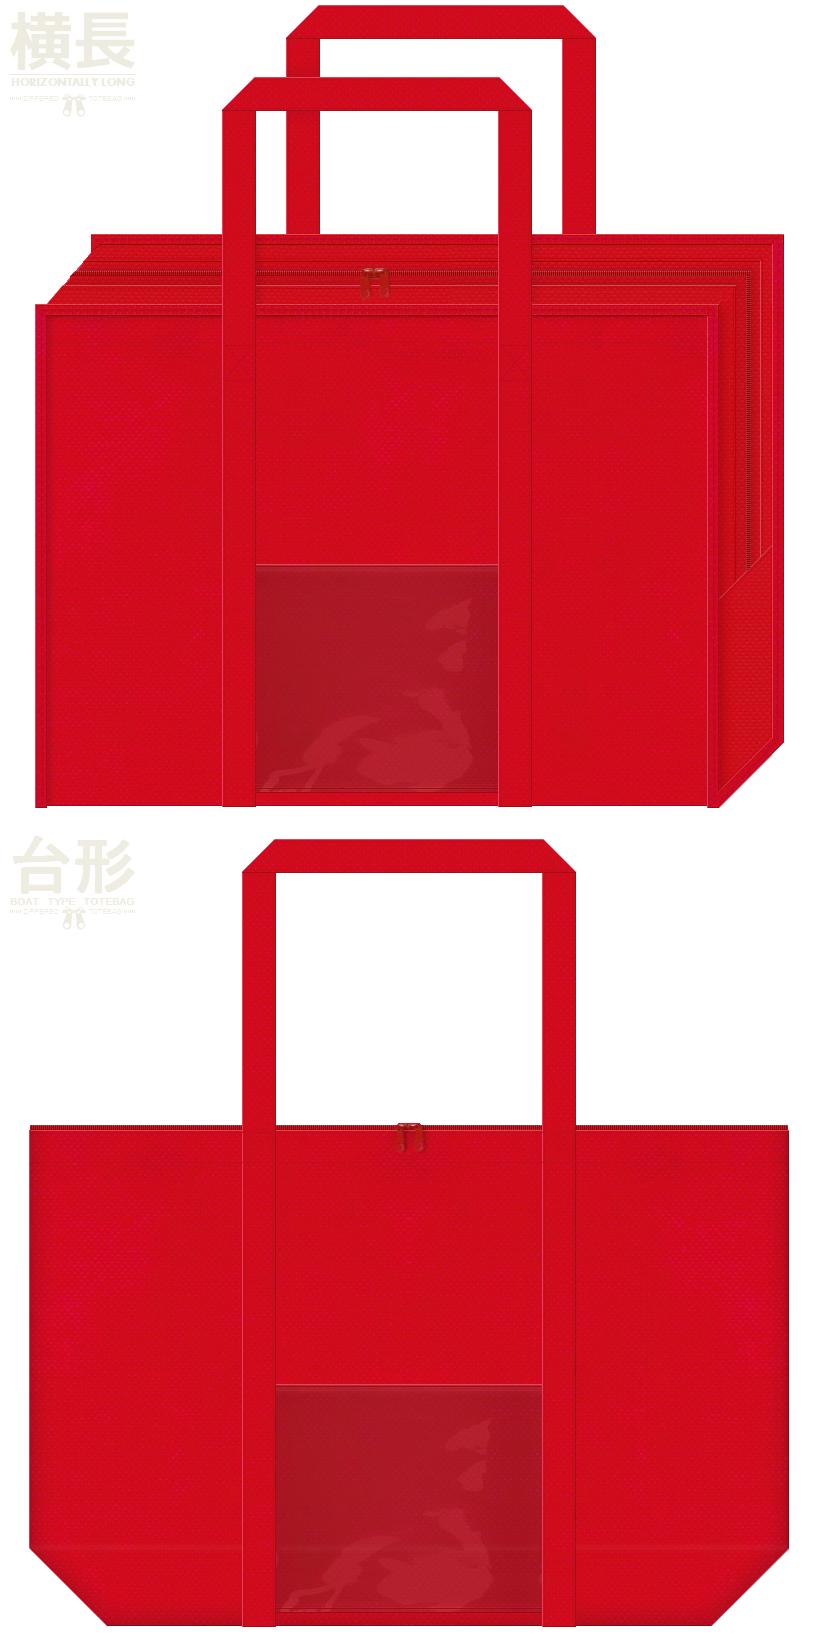 紅色の不織布バッグデザイン:透明ポケット付きの不織布ランドリーバッグ